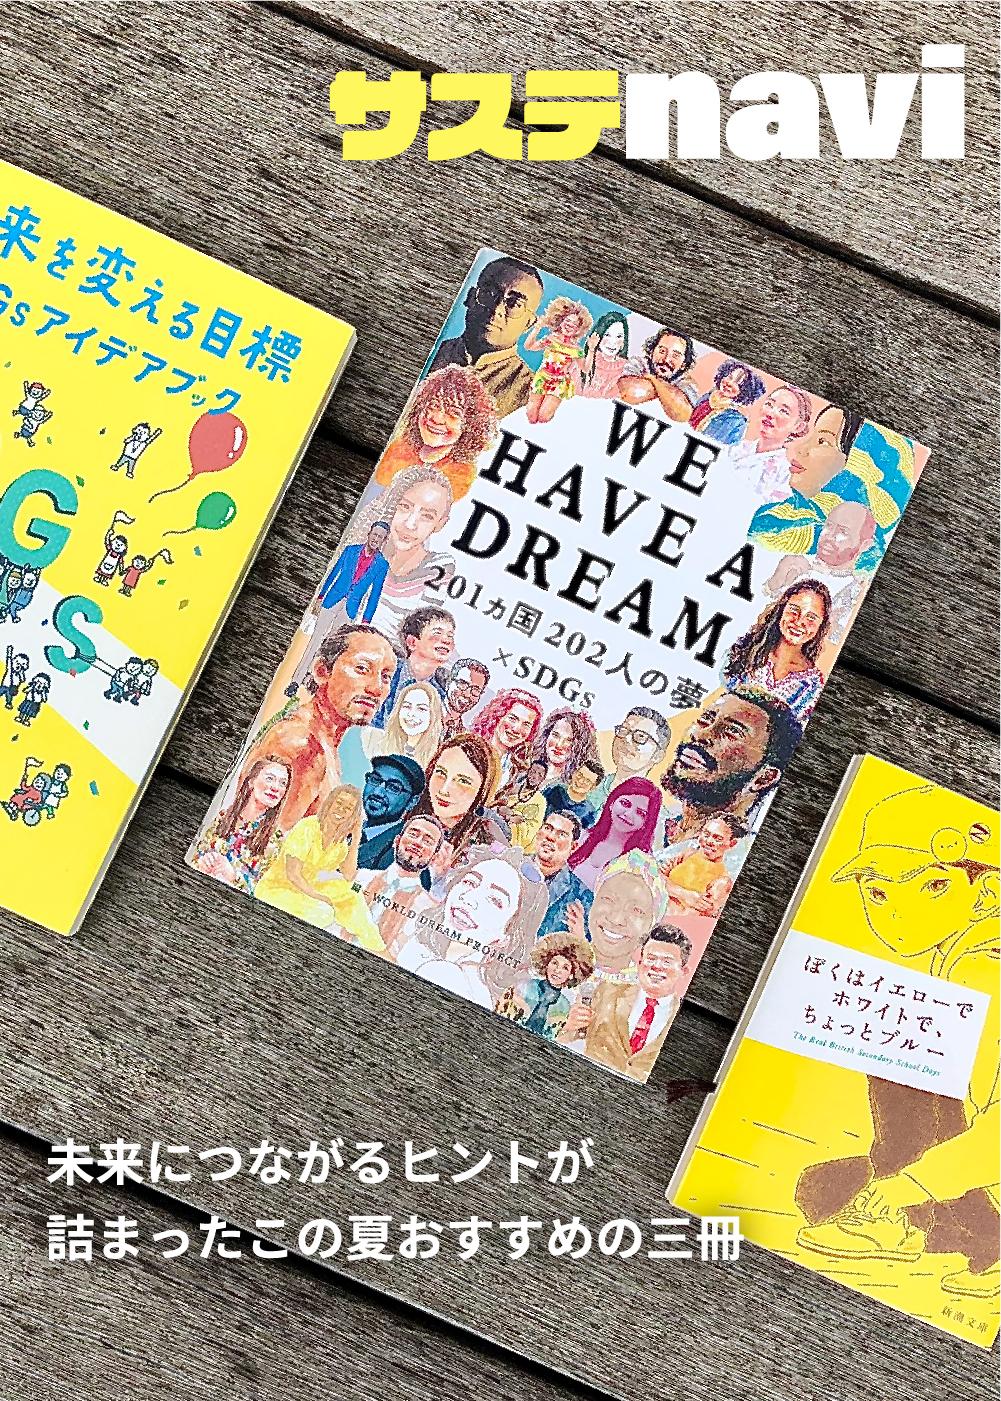 未来につながるヒントが詰まったこの夏おすすめの三冊